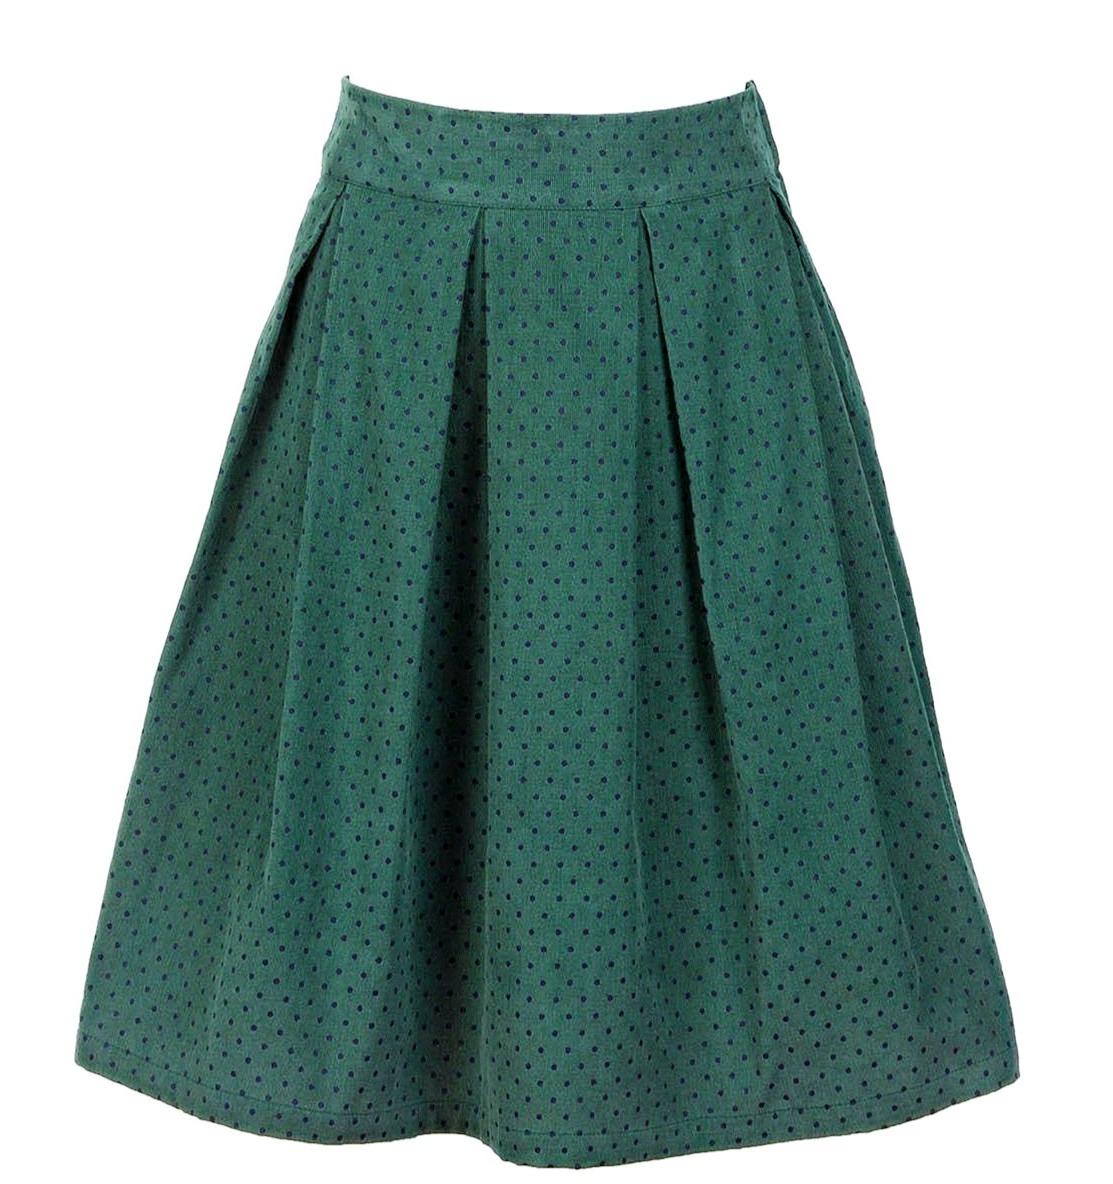 circus-the-anita-pindot-cord-skirt-00031